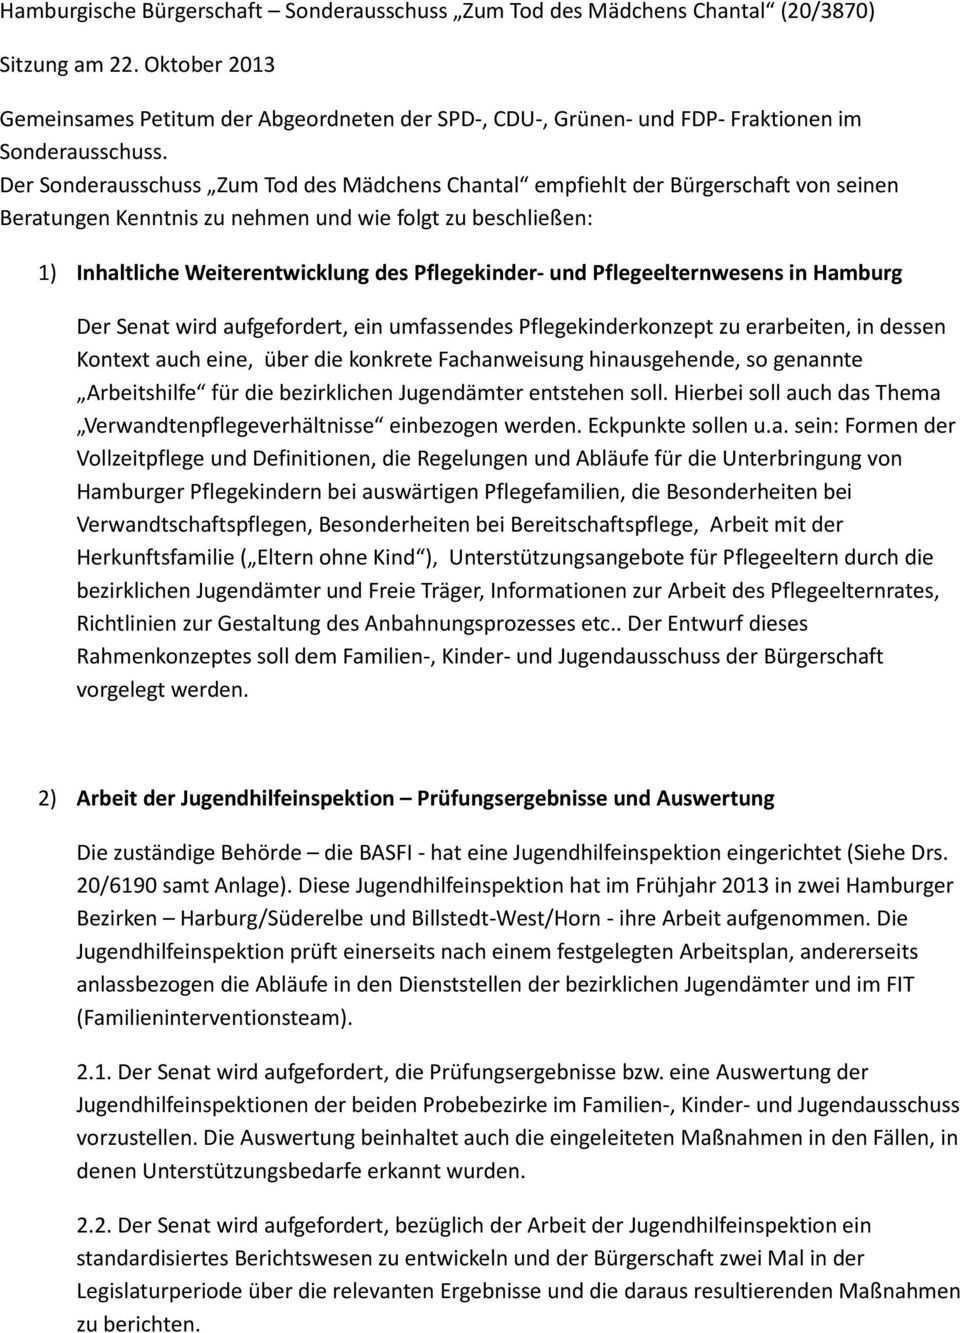 Hamburgische Burgerschaft Sonderausschuss Zum Tod Des Madchens Chantal 20 3870 Pdf Free Download